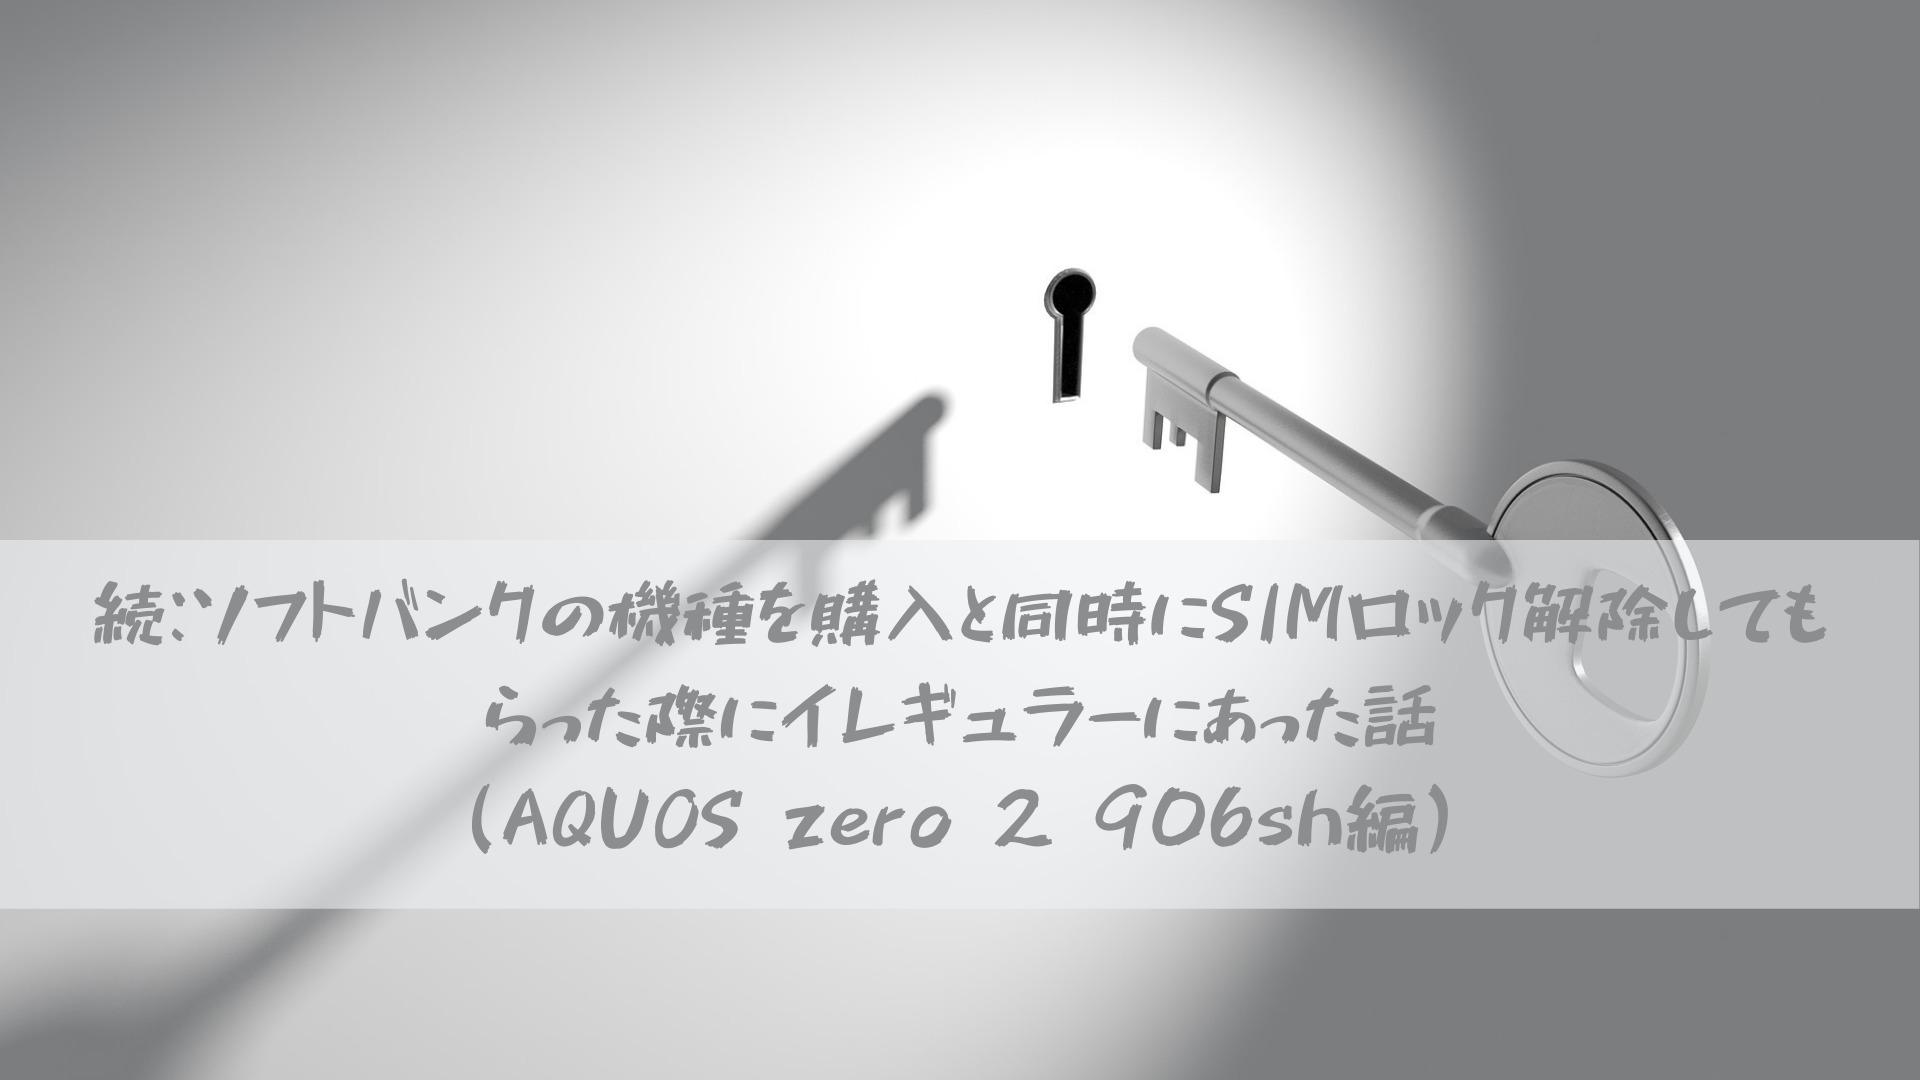 続:ソフトバンクの機種を購入した際にSIMロック解除してもらった際にイレギュラーにあった話(AQUOS zero 2 906sh編)